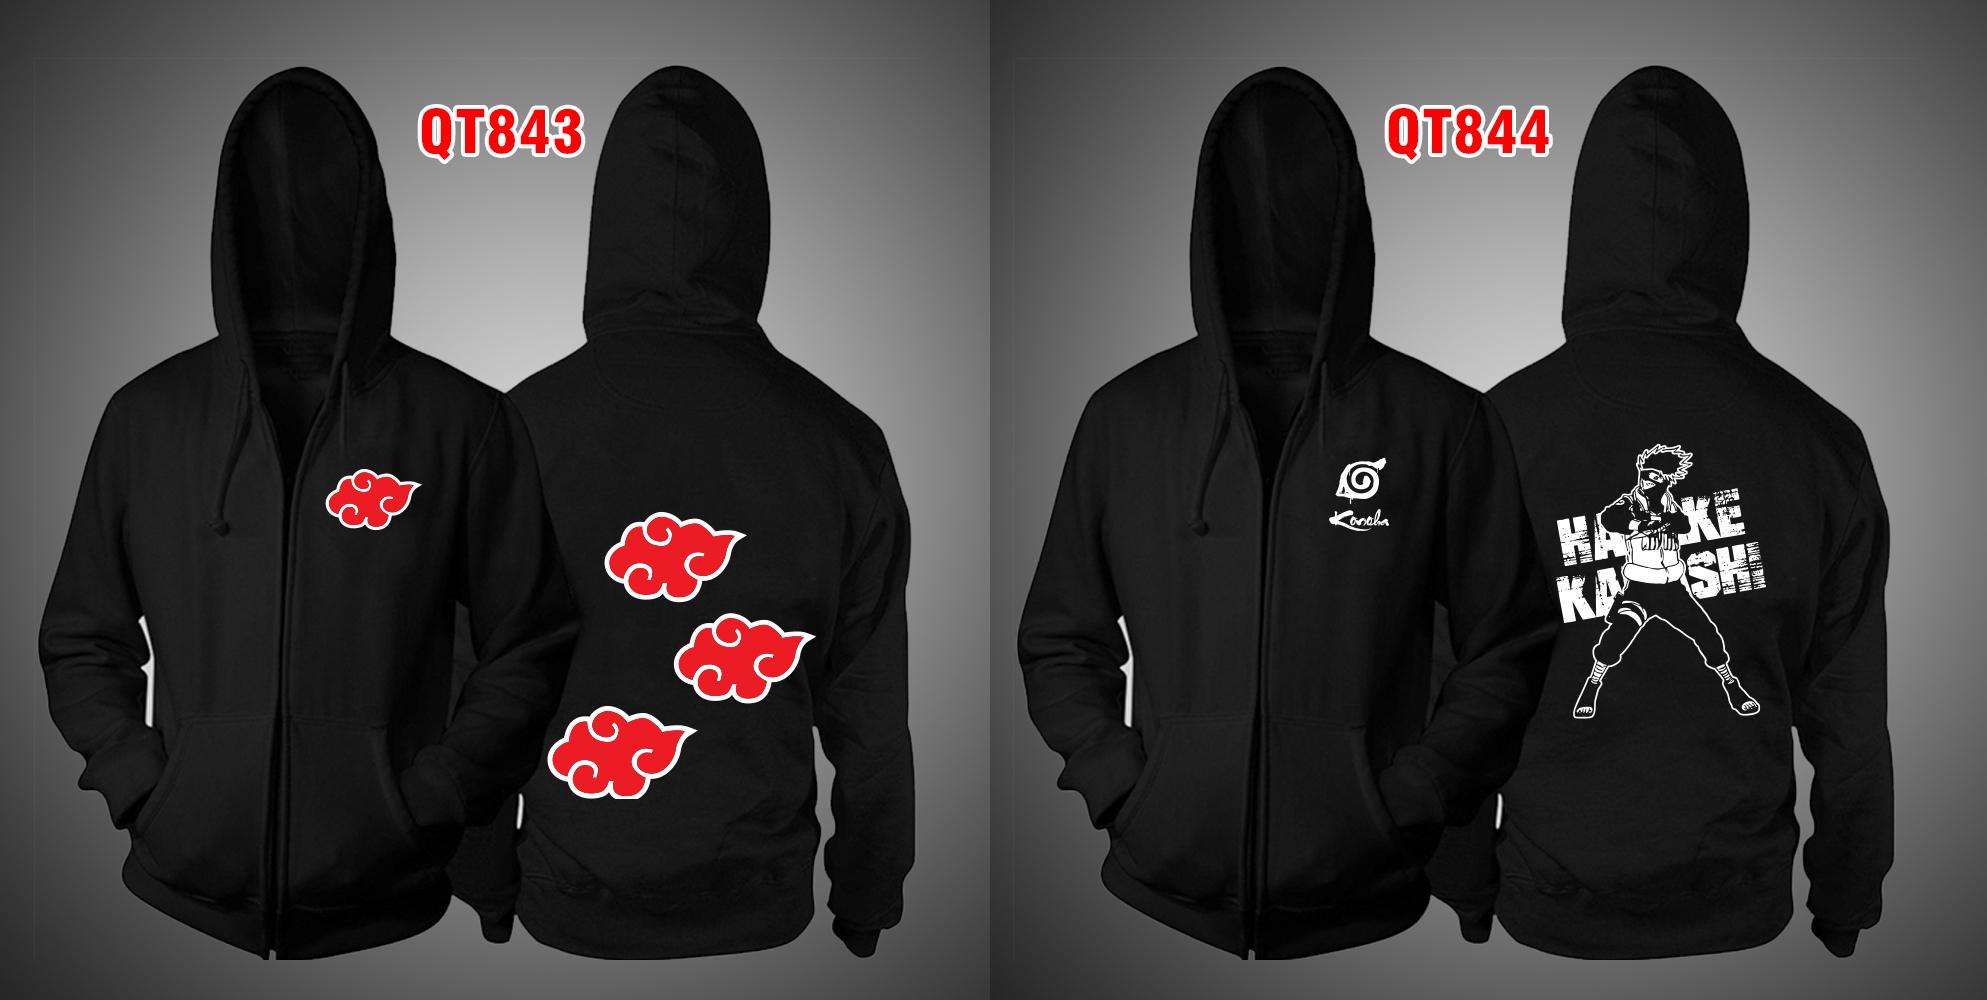 Áo khoác đen Akatsuki - Áo Naruto theo yêu cầu giá rẻ